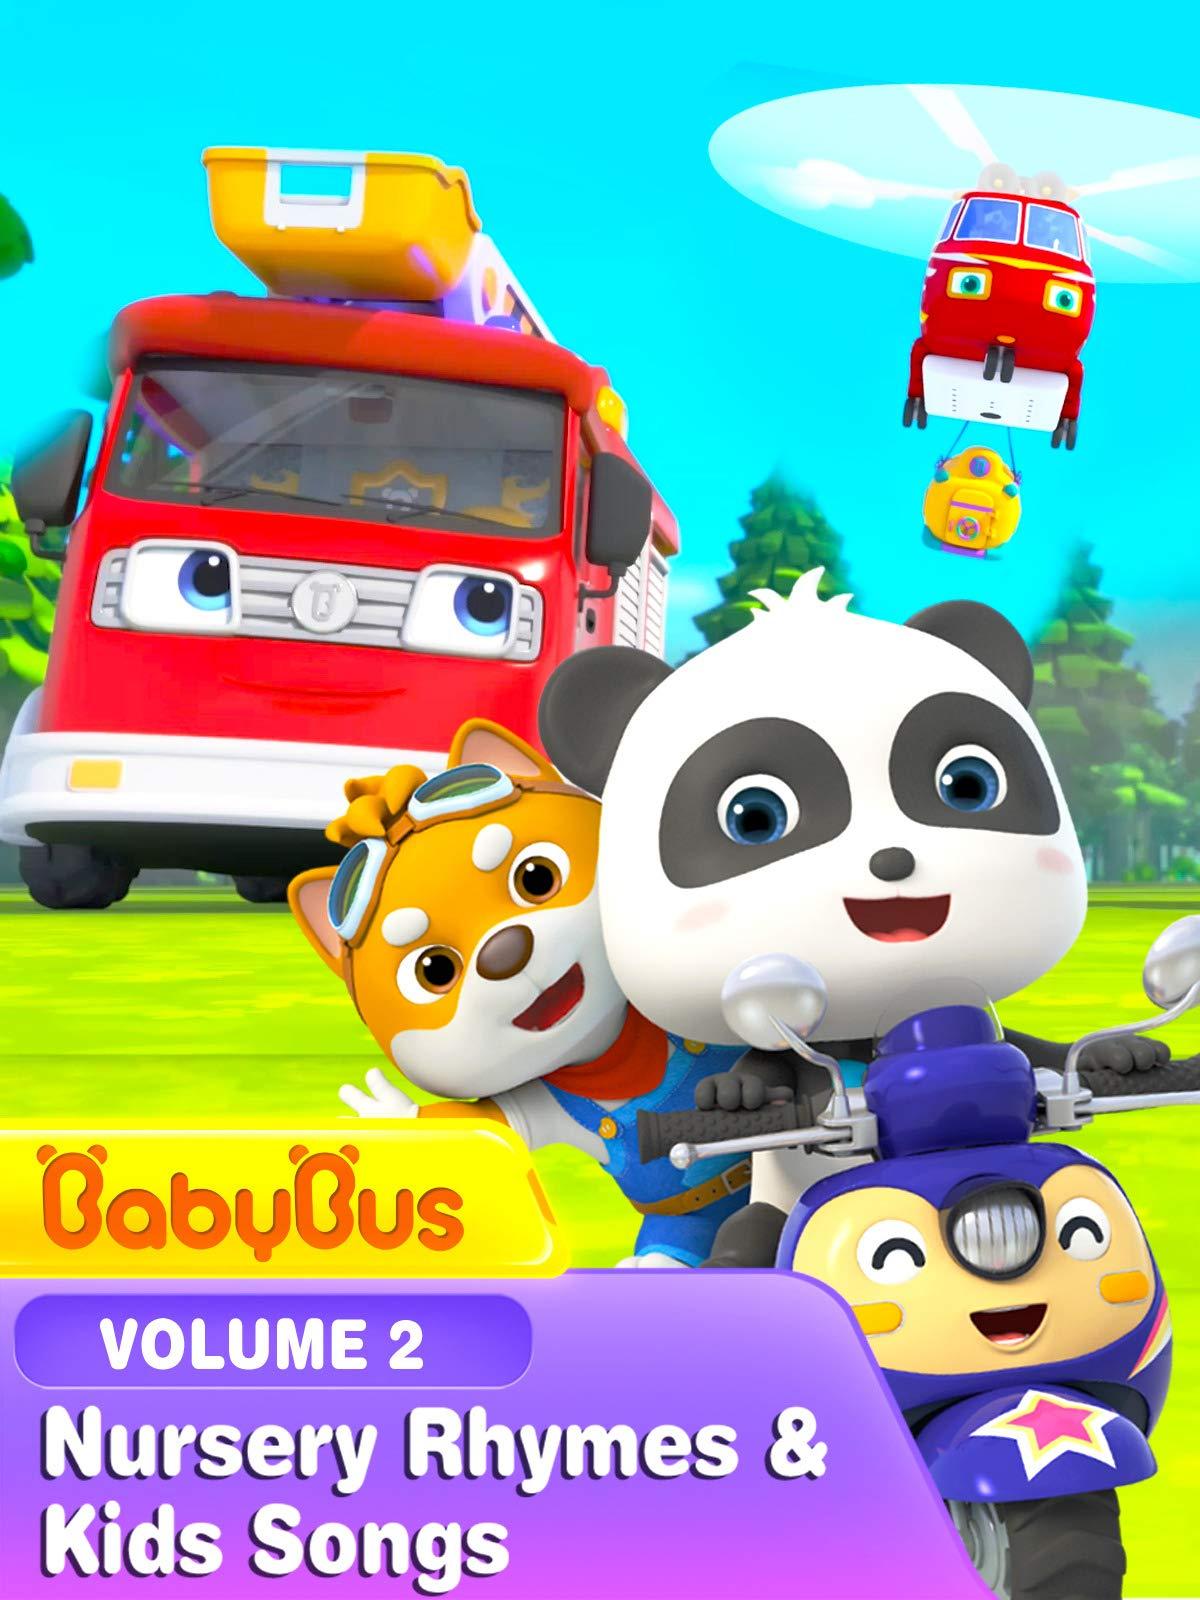 BabyBus - Nursery Rhymes & Kids Songs